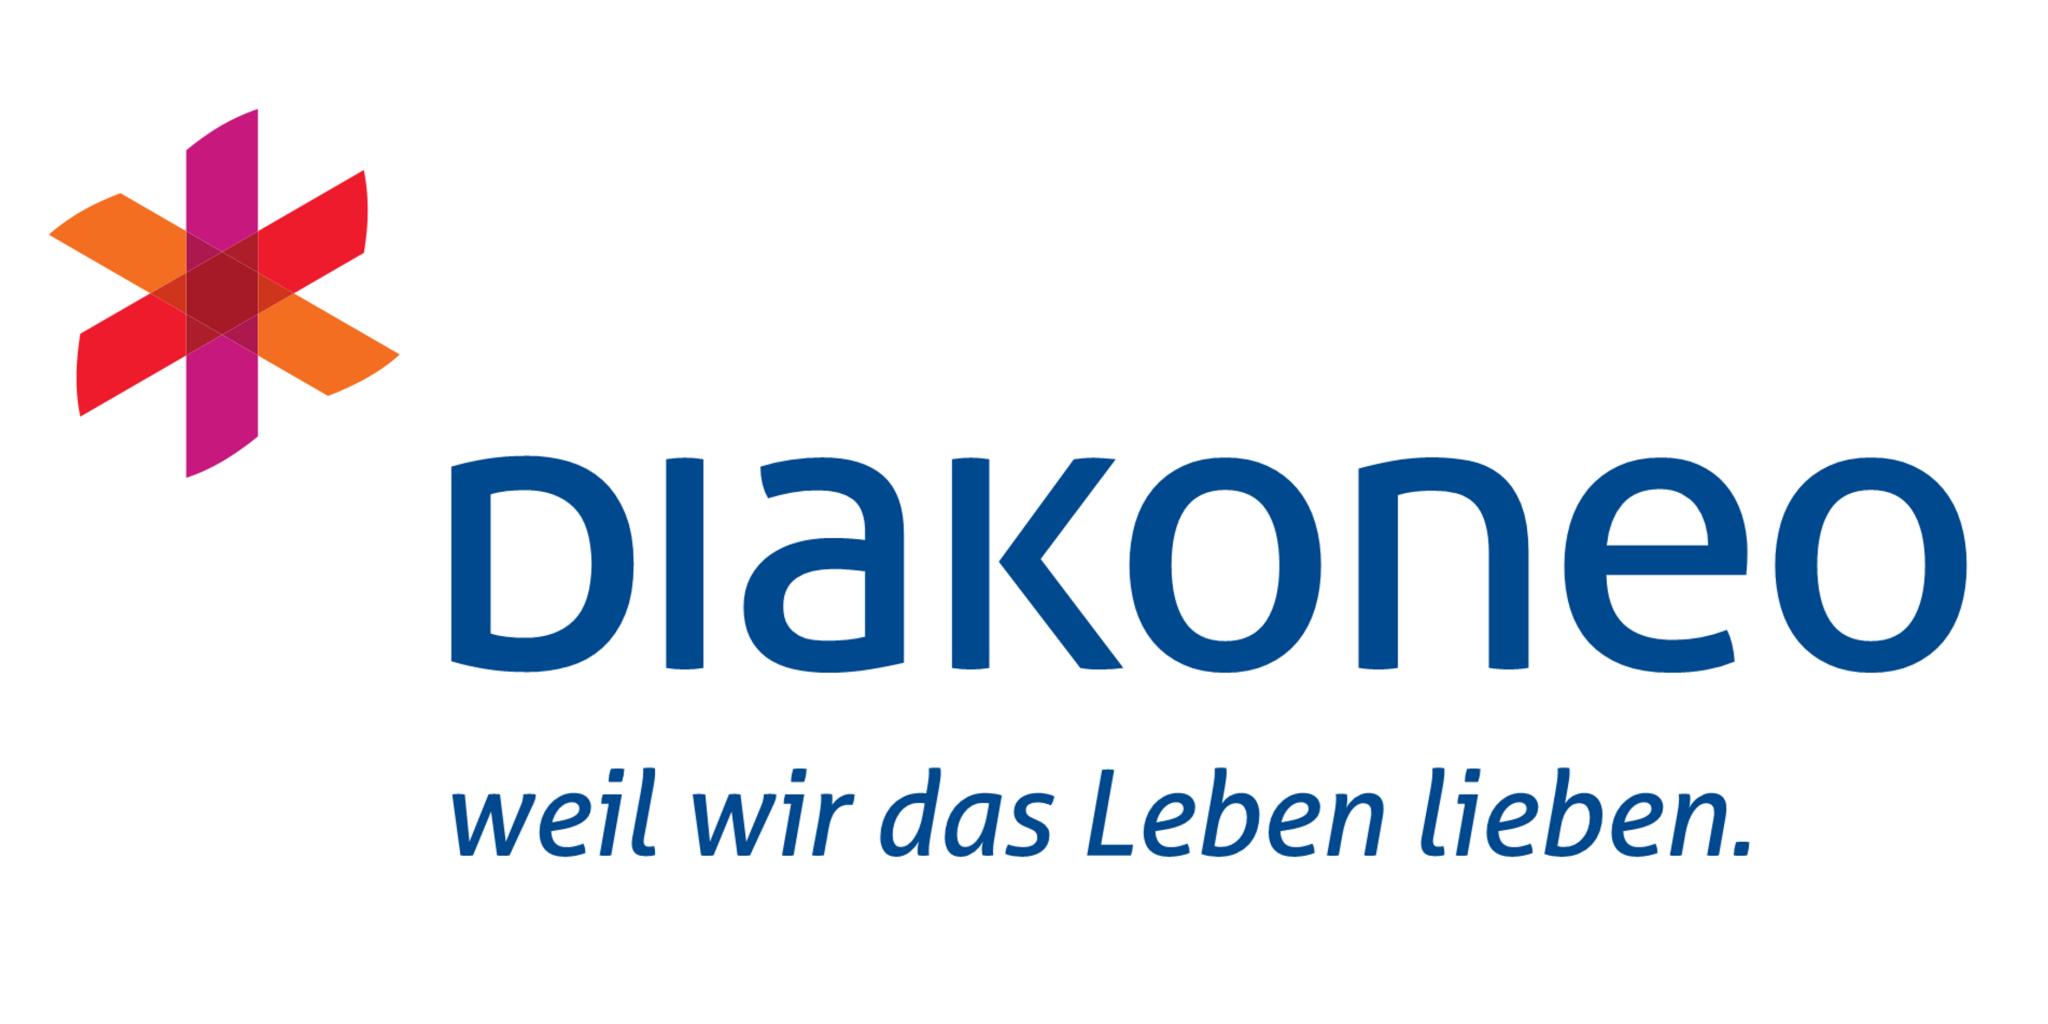 Diakoneo Diak Schwäbisch Hall gGmbH